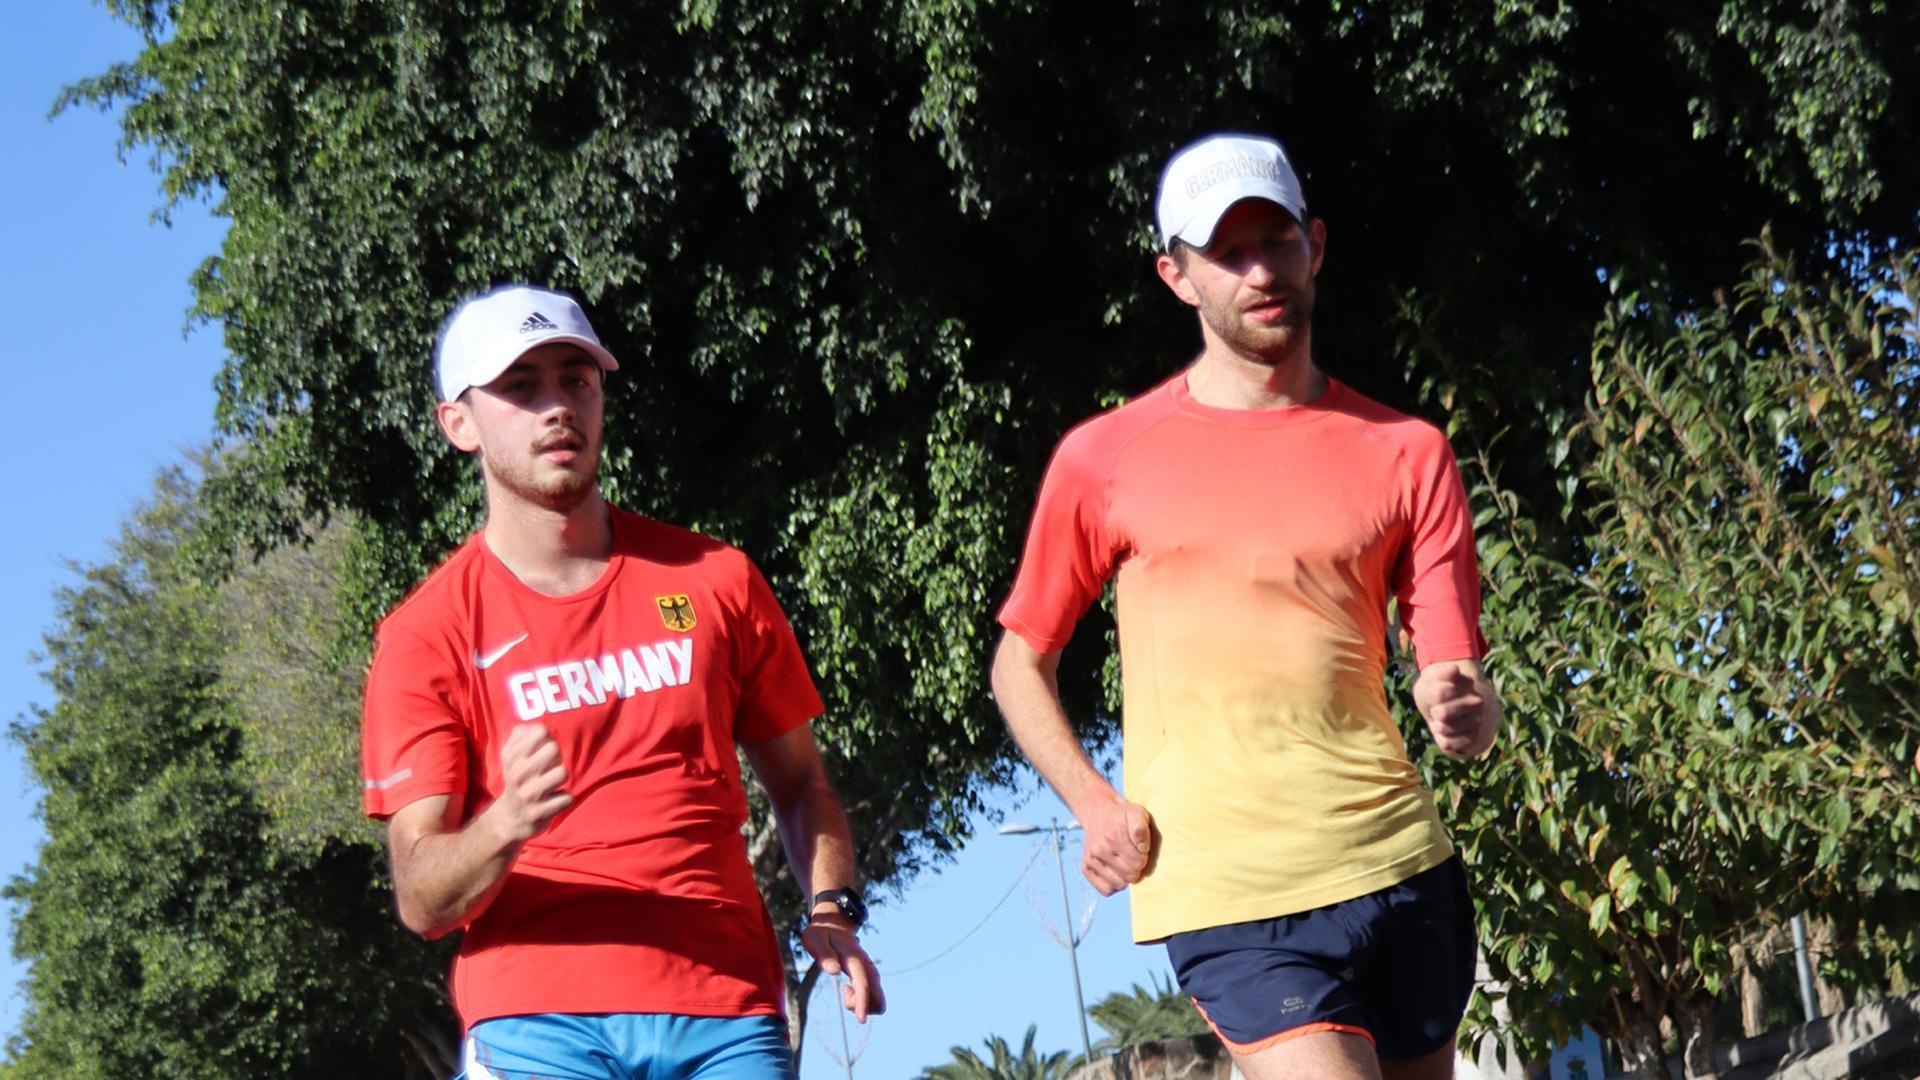 Training in der Sonne: Die mittelbadischen Geher Nathaniel Seiler und Carl Dohmann (rechts) bereiten sich auf Gran Canaria bei frühlingshaften Temperaturen auf die Olympia-Qualifikation vor.